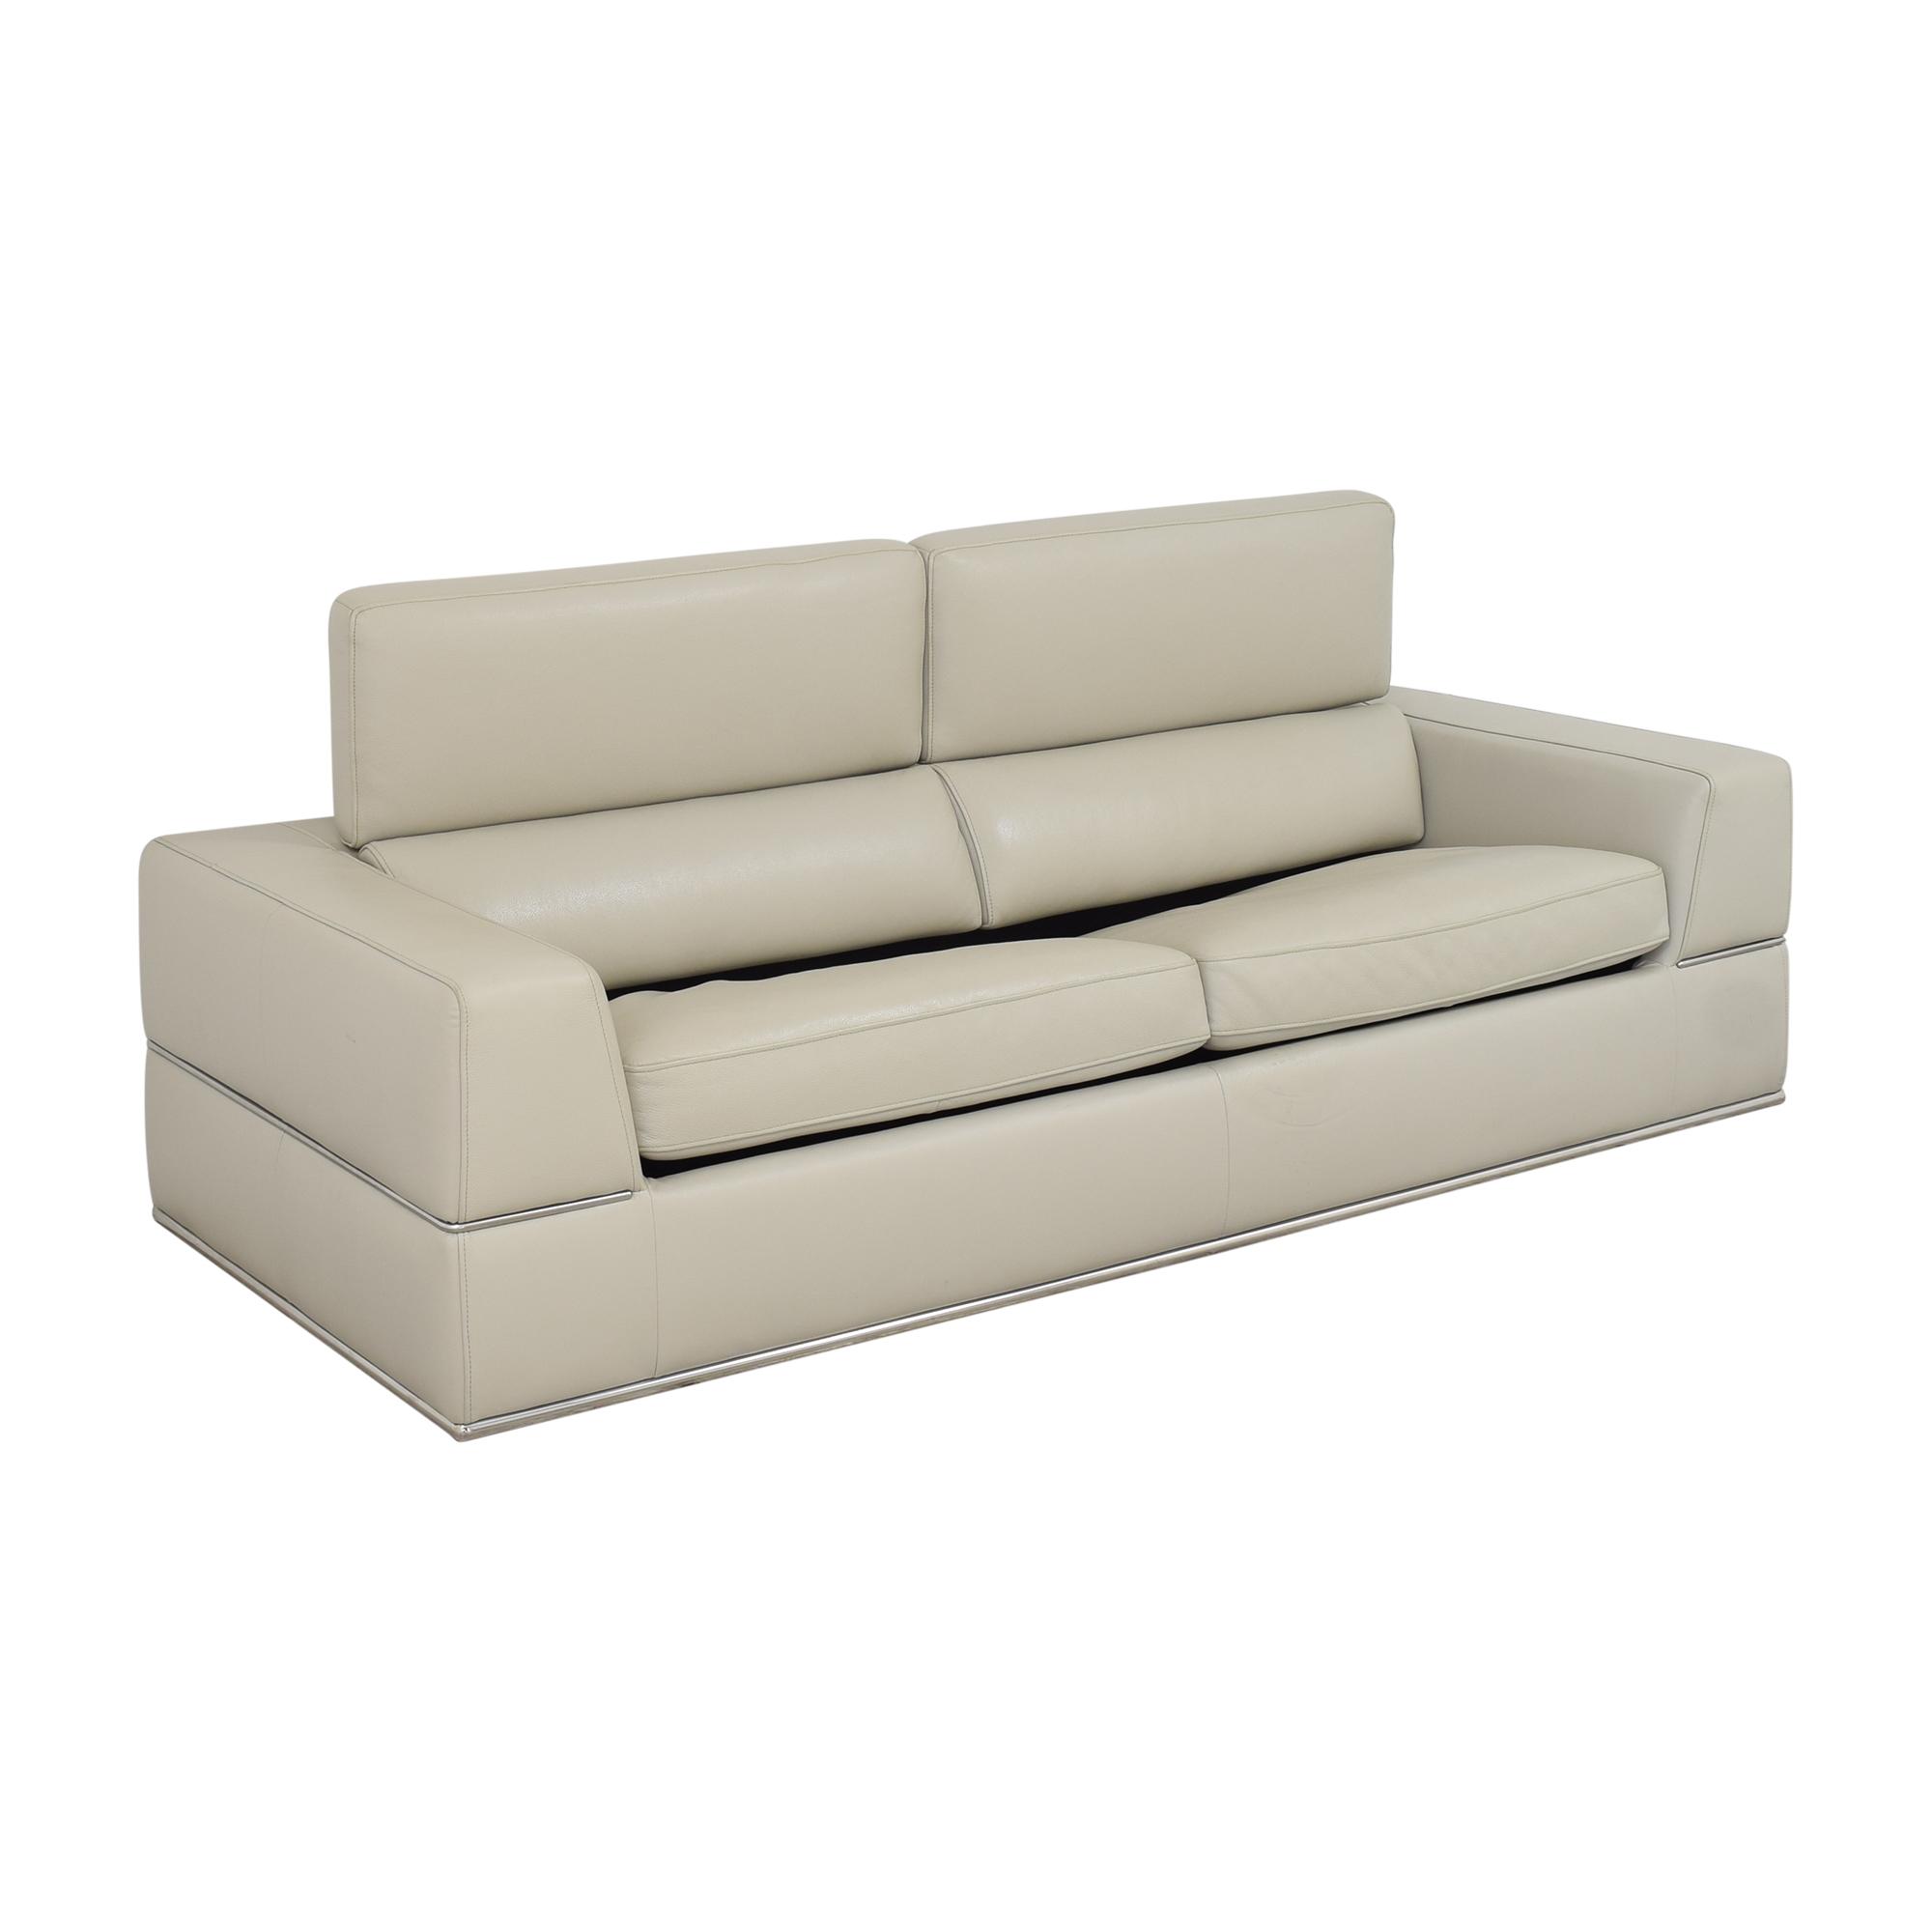 Modani Bergamo Queen Sofa Bed / Sofas